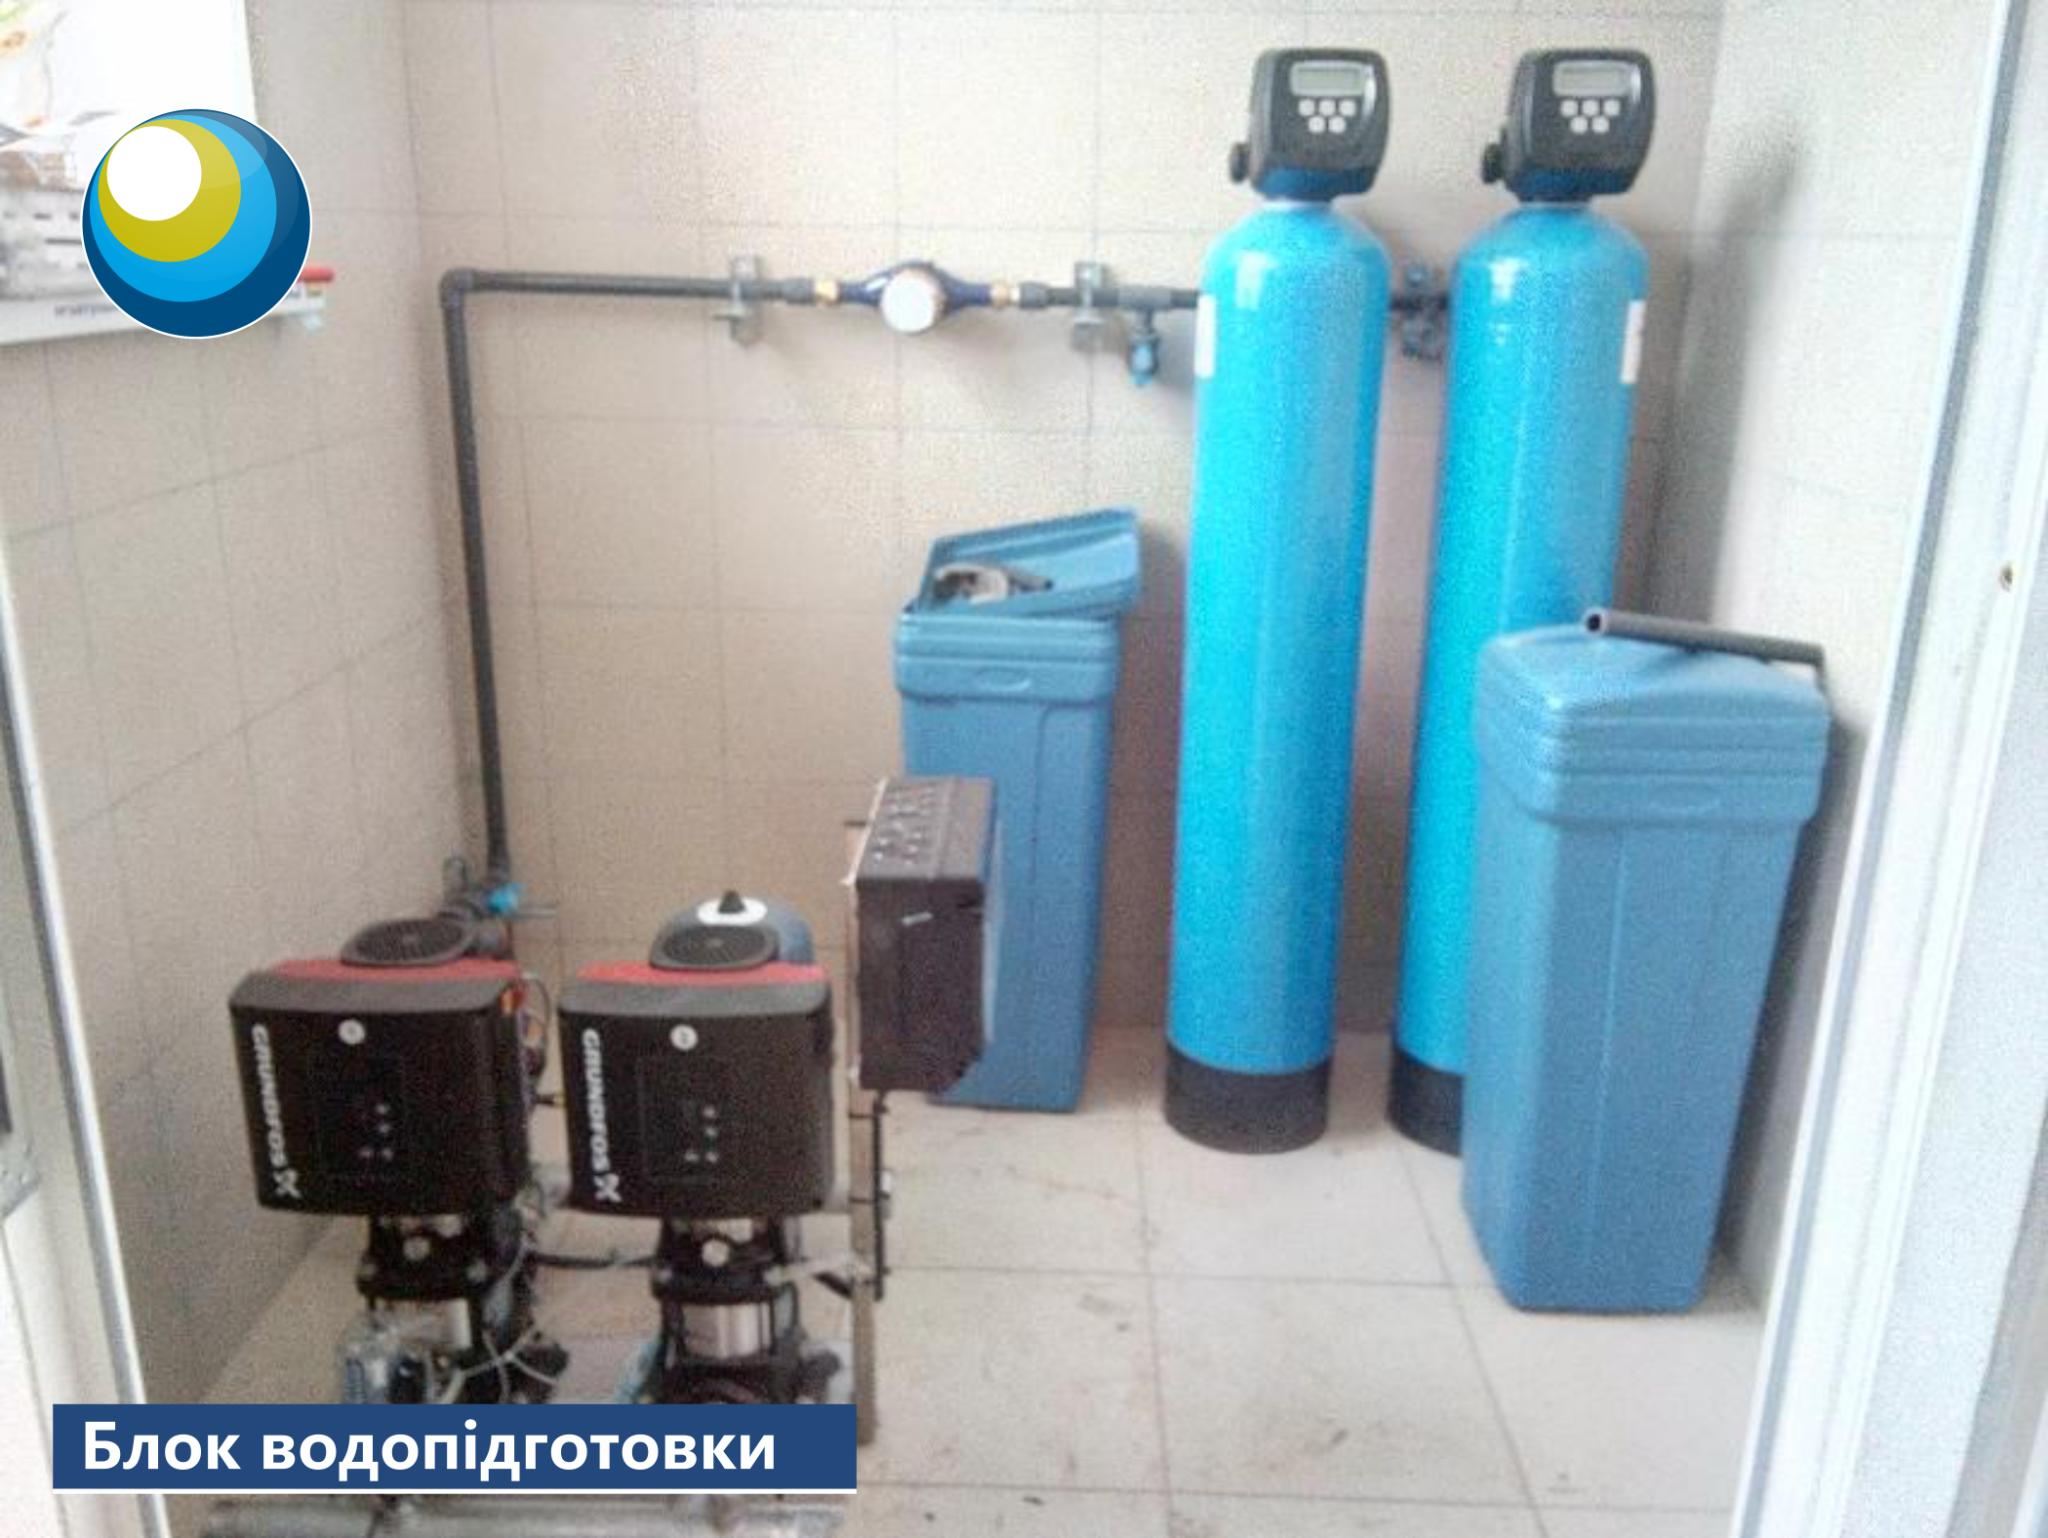 блок водопідготовки, електролізна установка